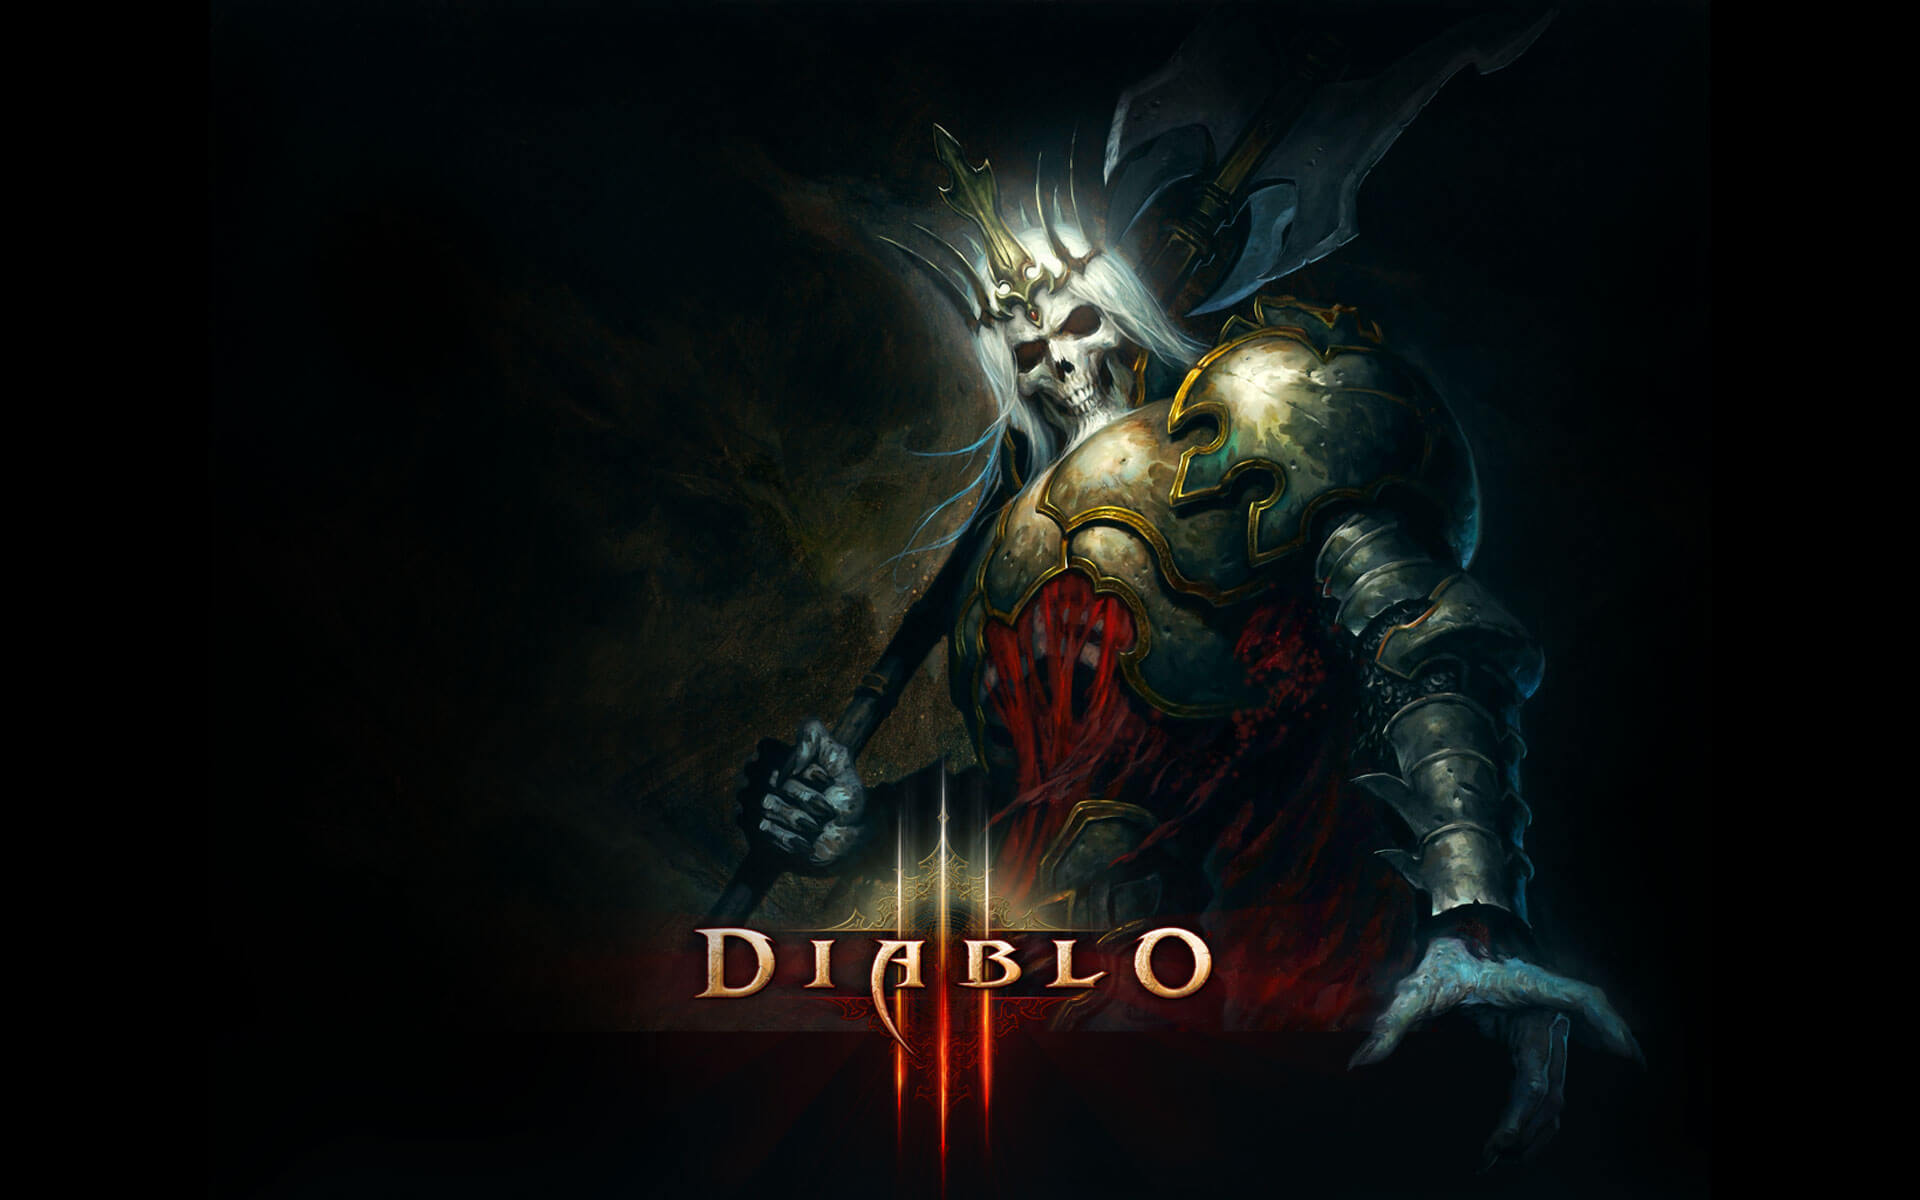 Diablo 3 – Starke Nerfs fürs Spielen in der Gruppe geplant